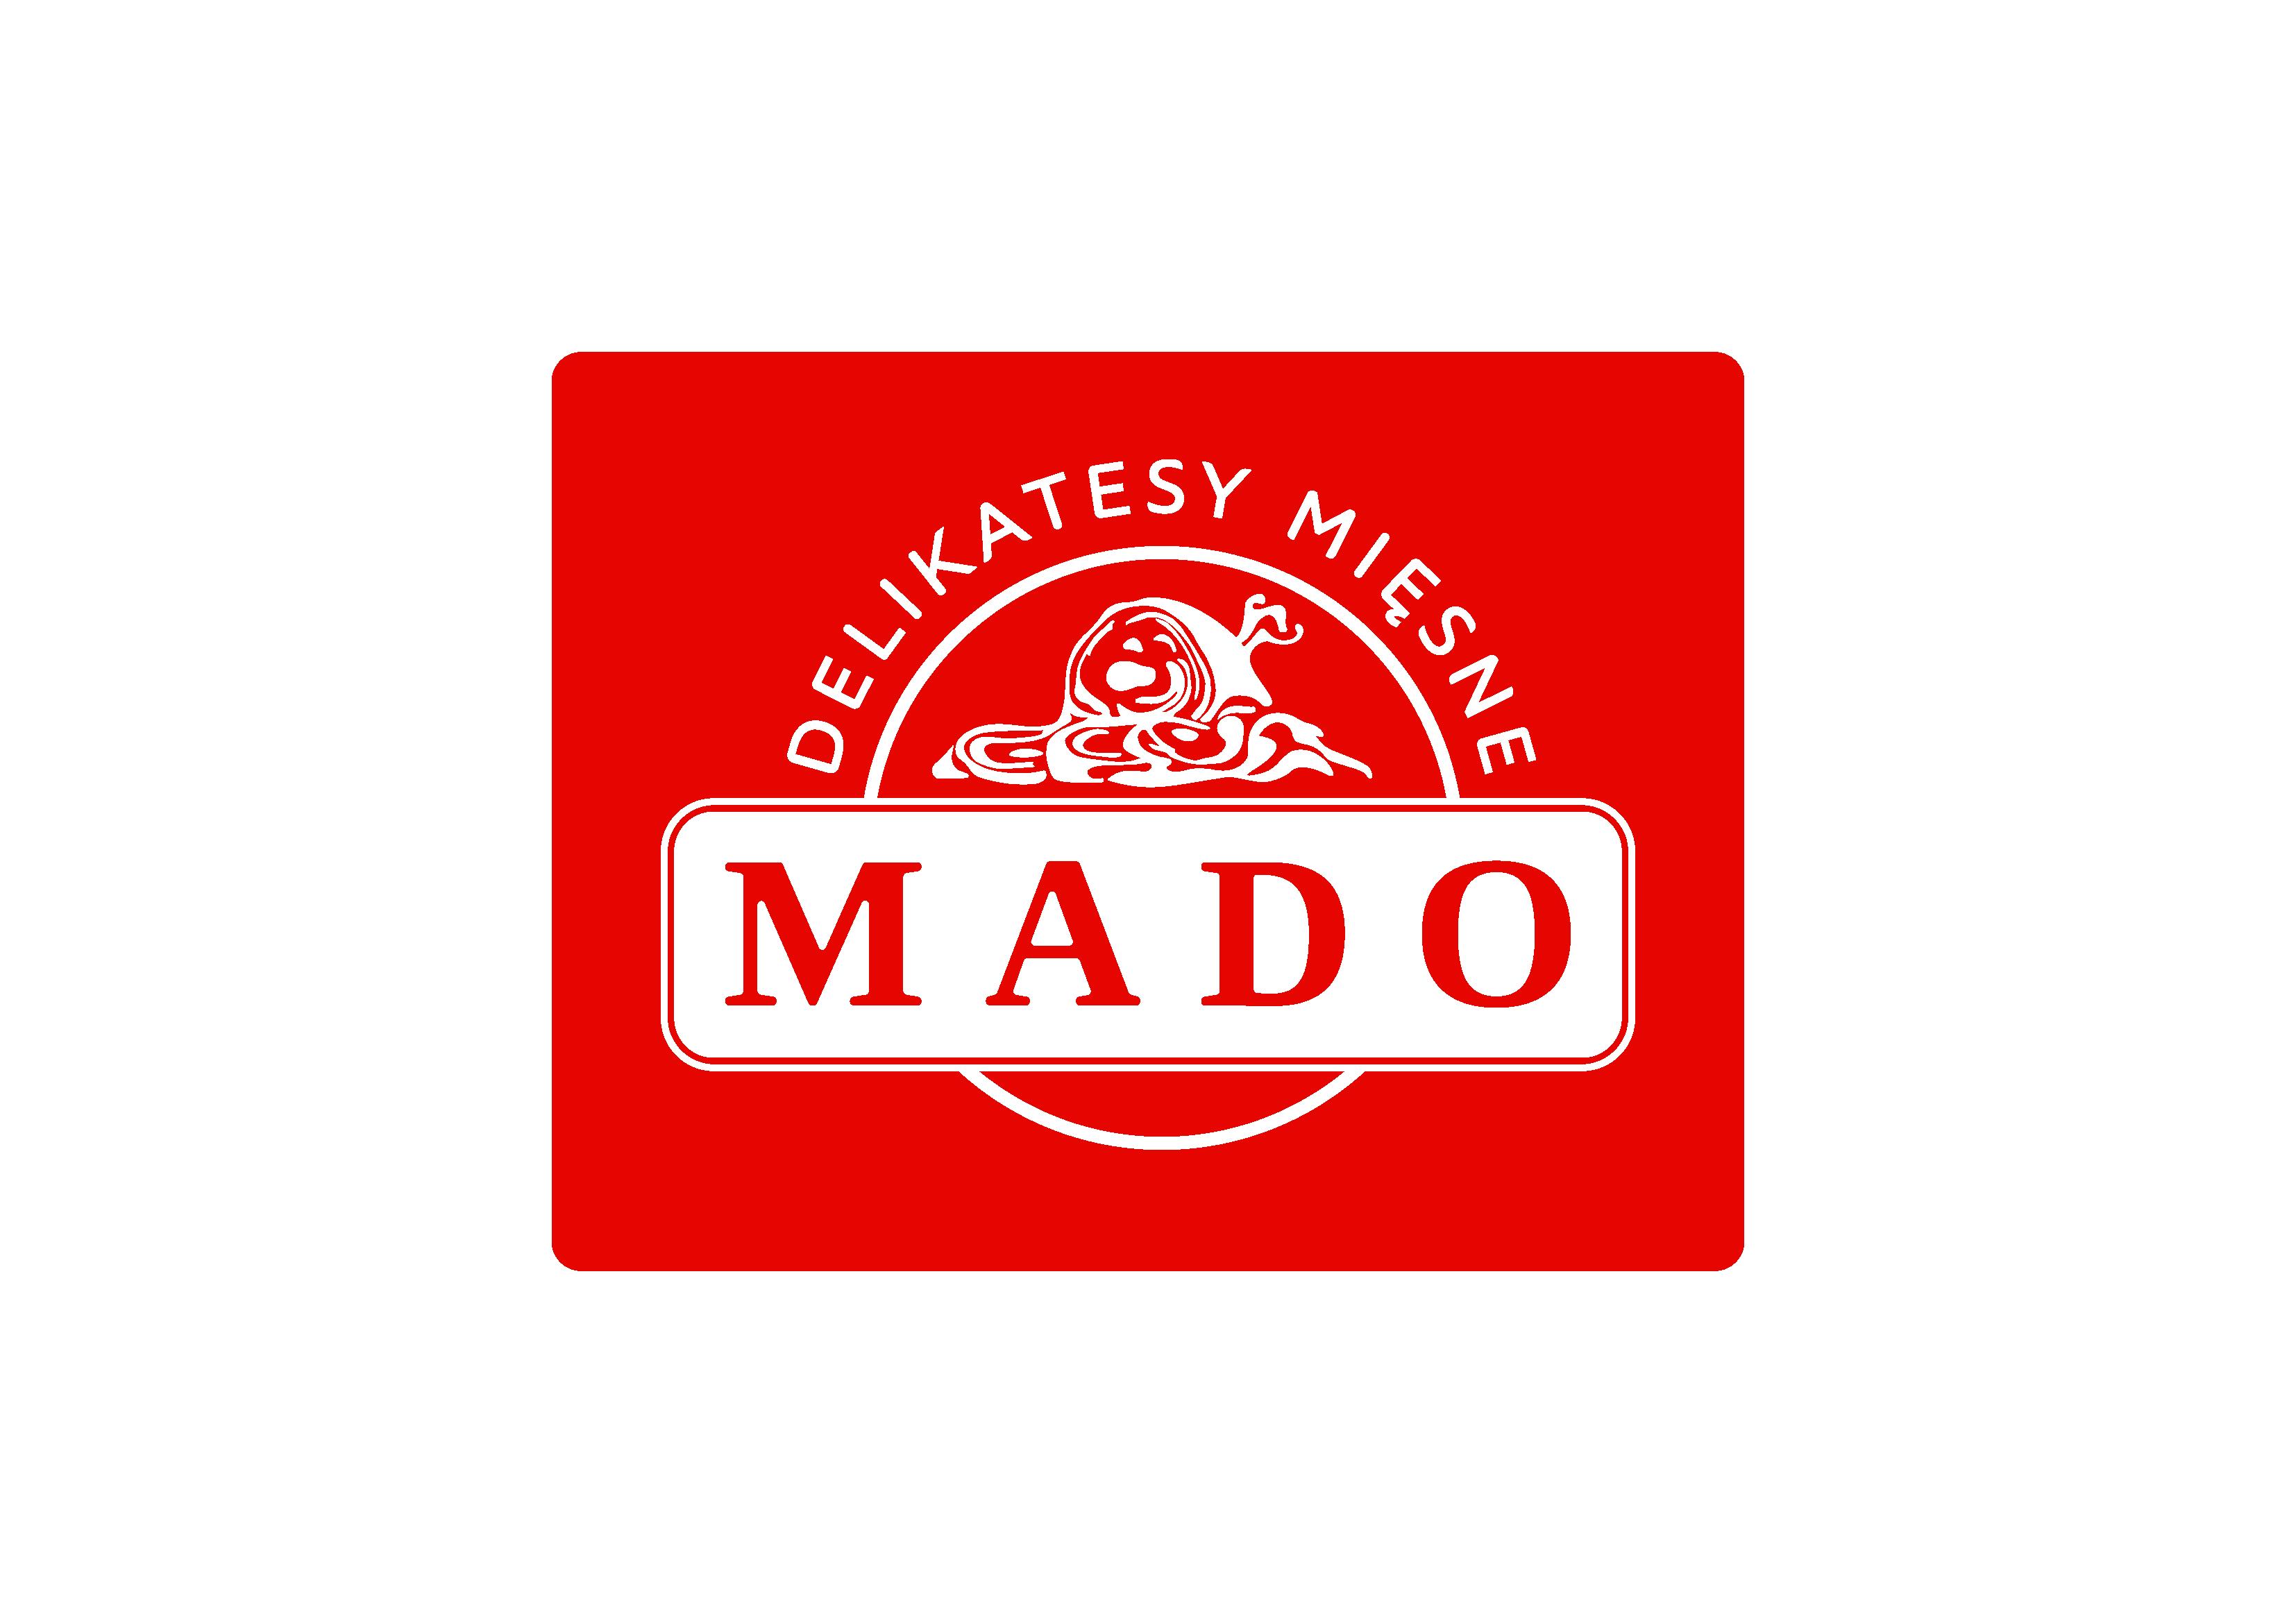 Delikatesy Mado logo czerwone